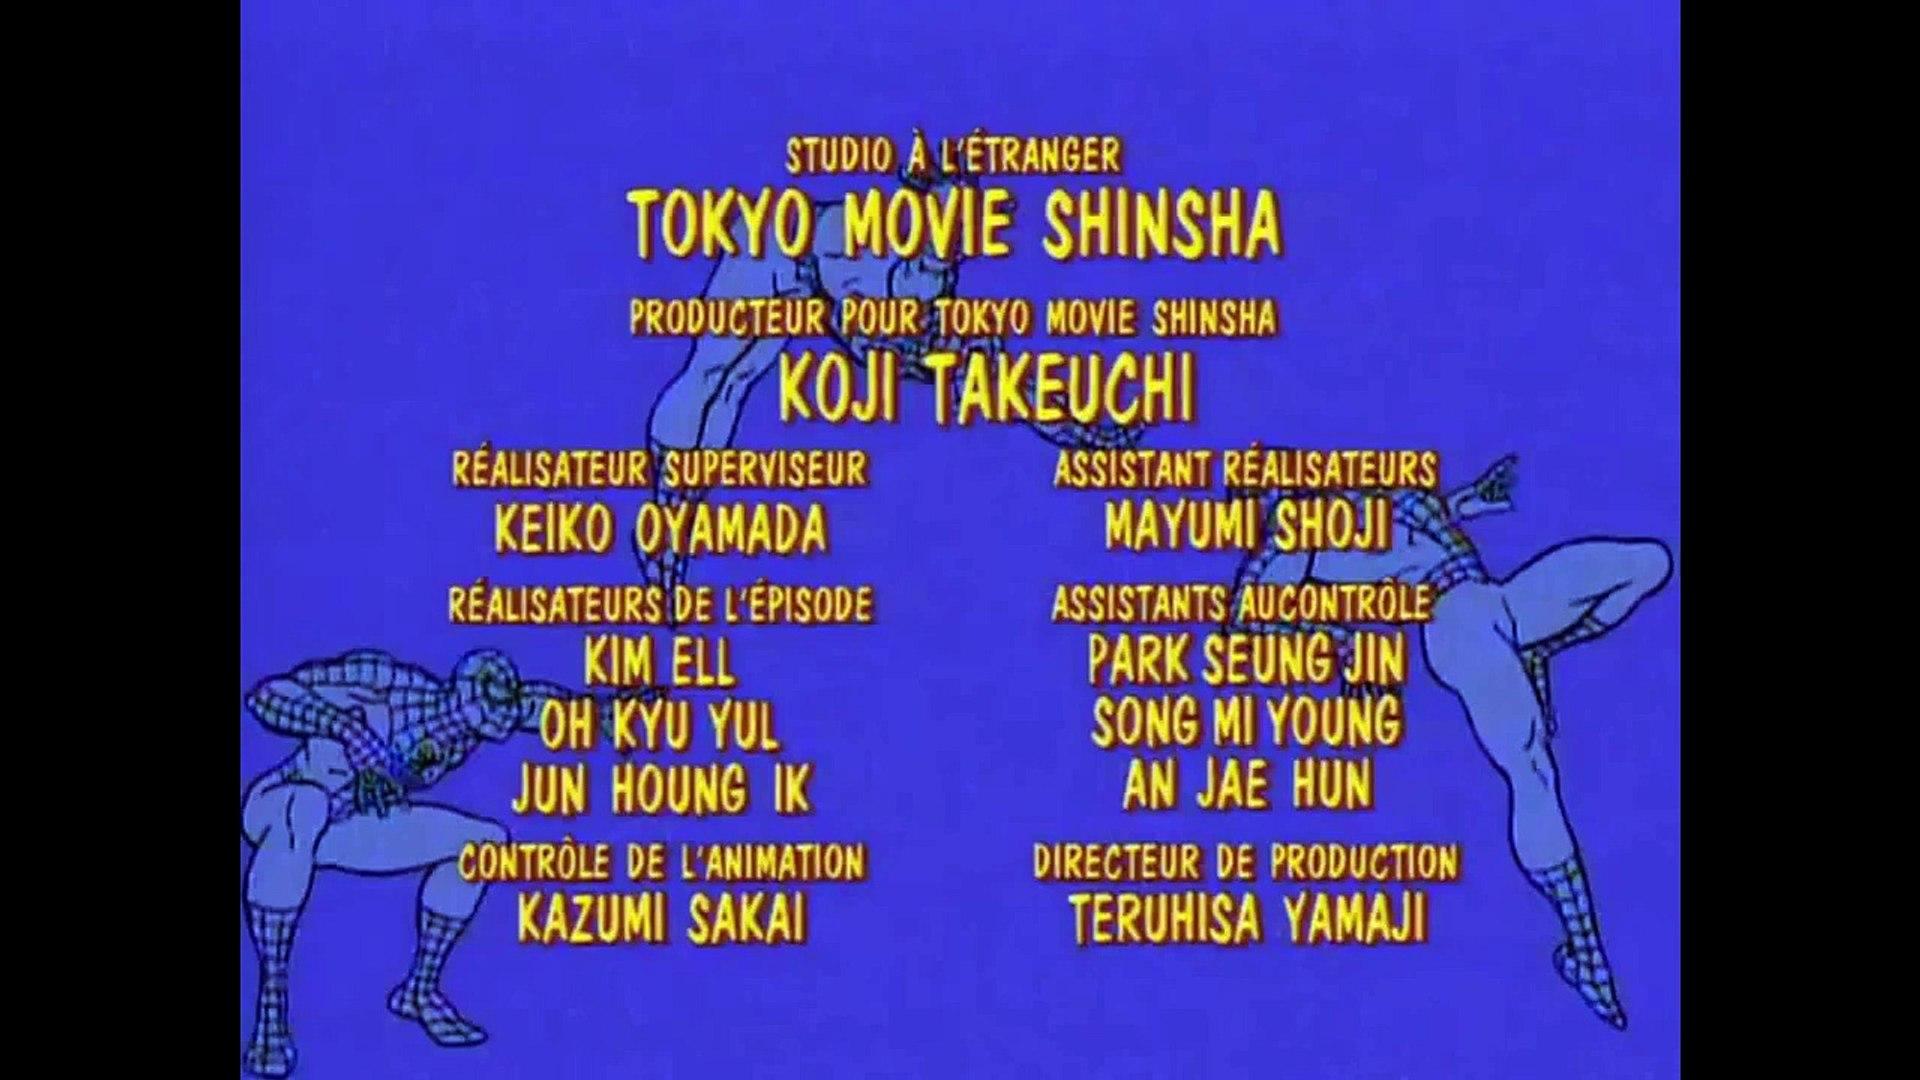 Marvel Entertainment Group/Marvel Films/New World Entertainment (1995) #2